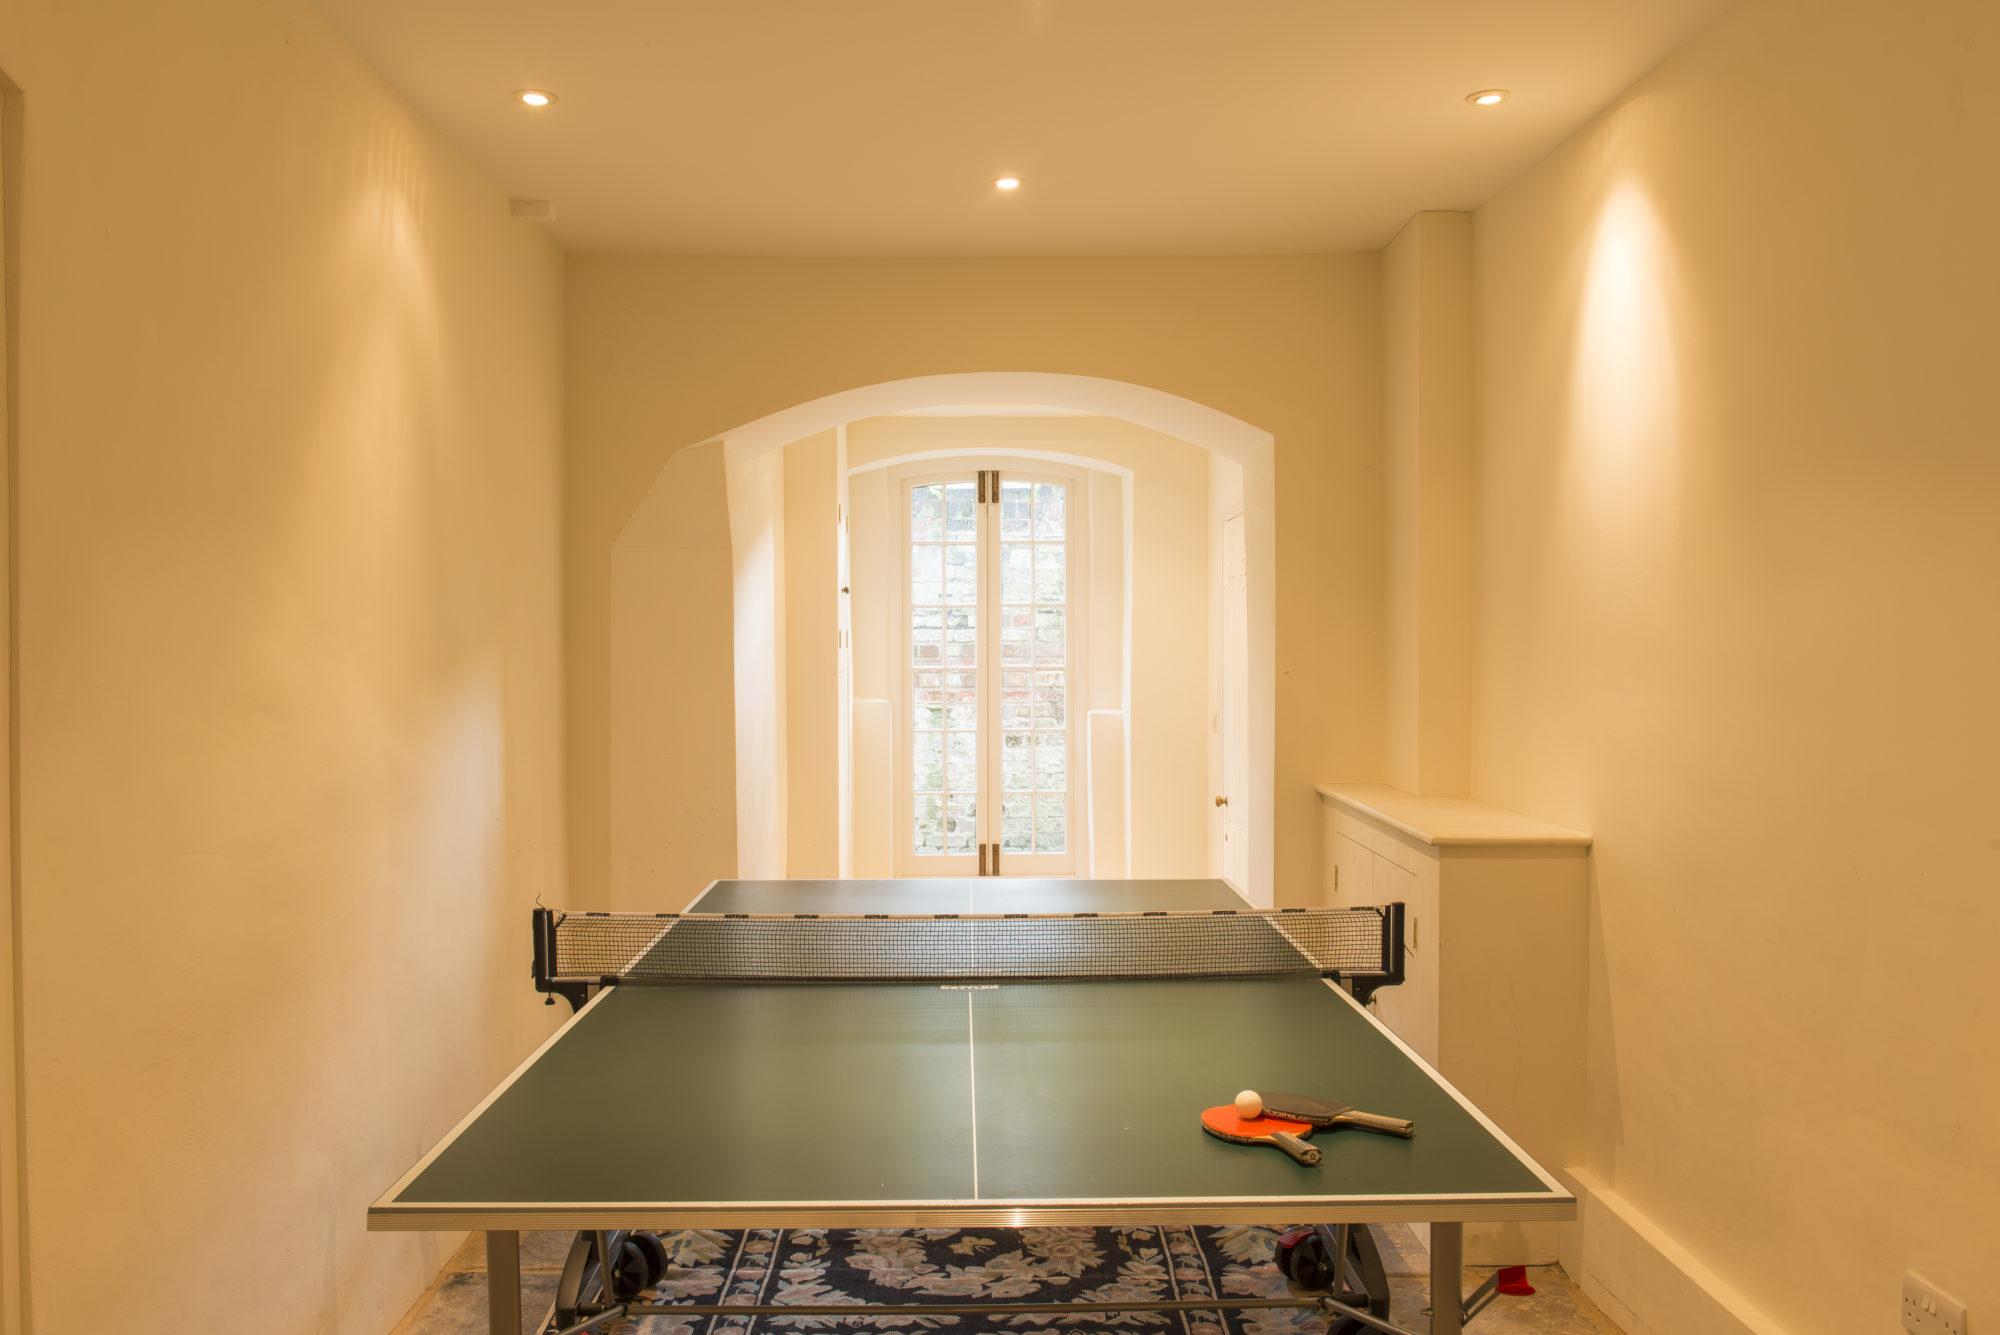 Table Tennis at Ardington House